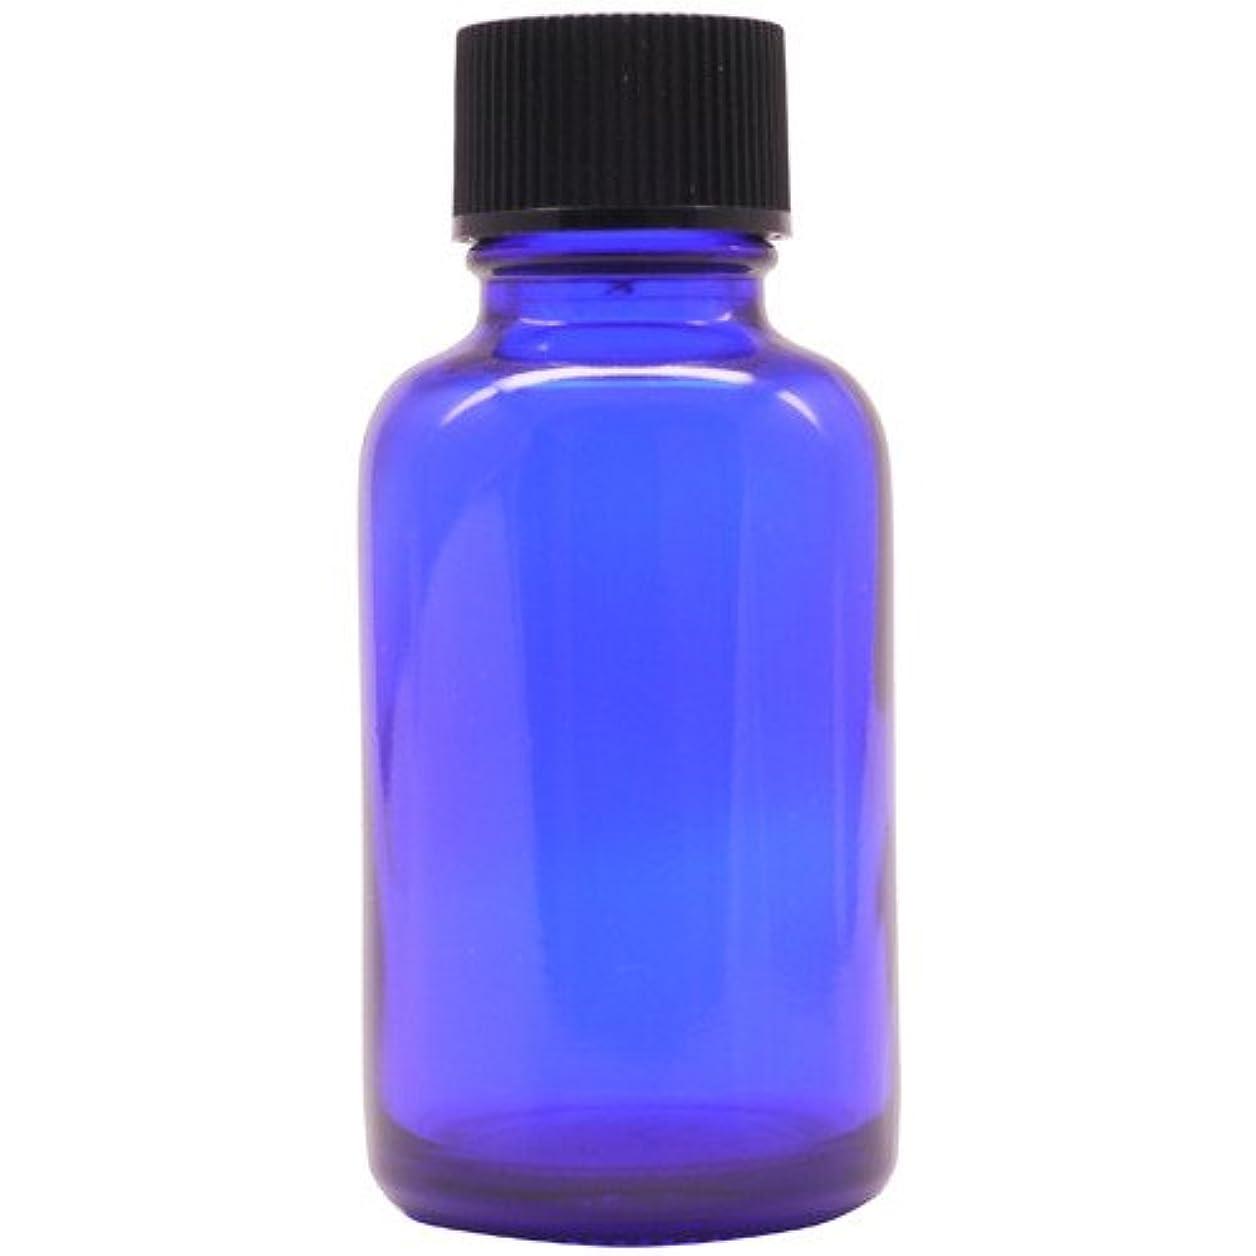 過敏なアンケートさせるアロマアンドライフ (D)ブルー瓶ドロップ栓30ml 3本セット